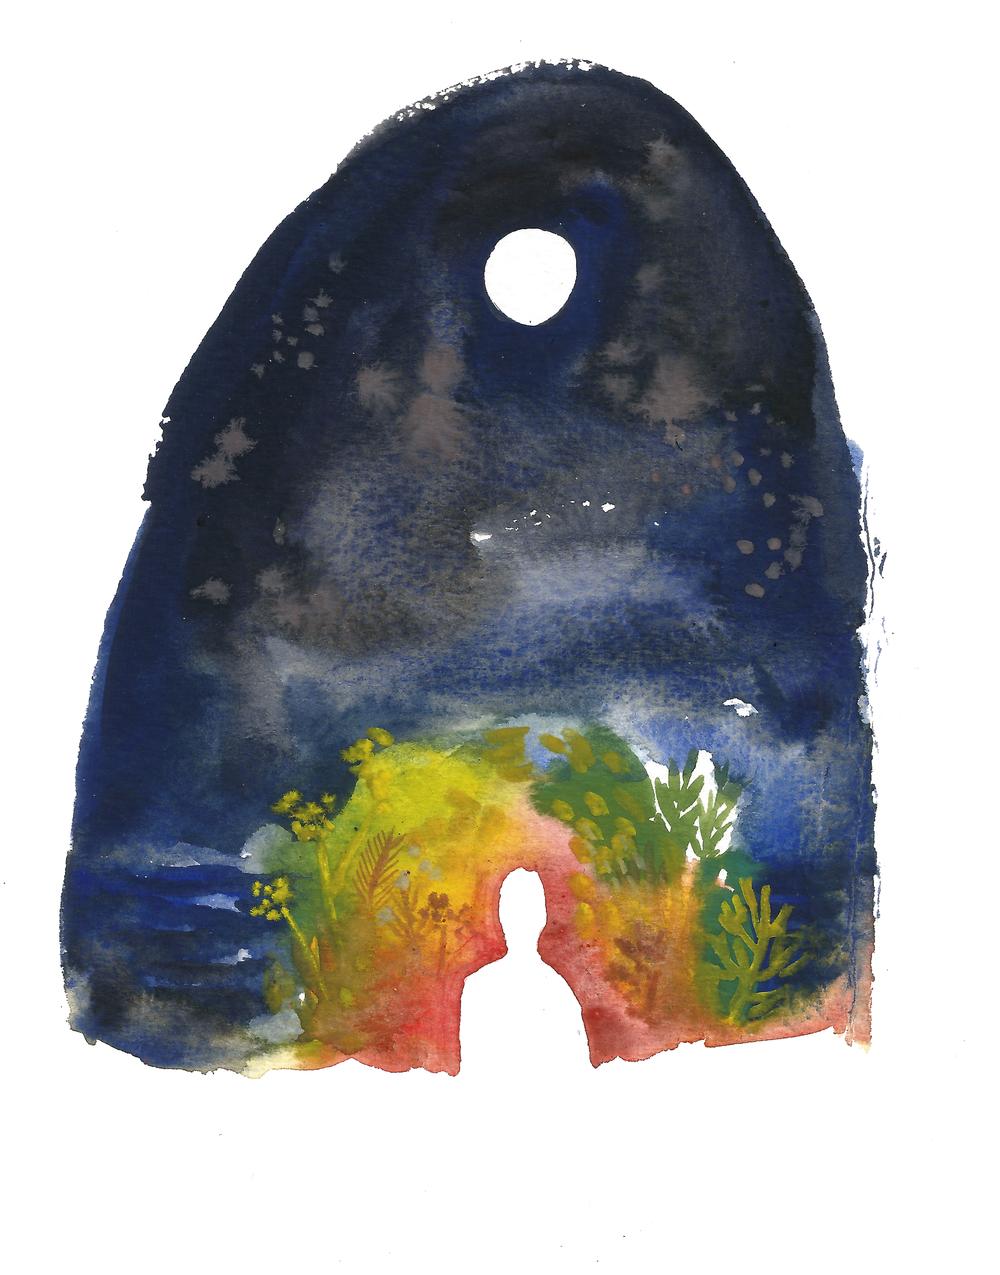 solhund (night-warmth)